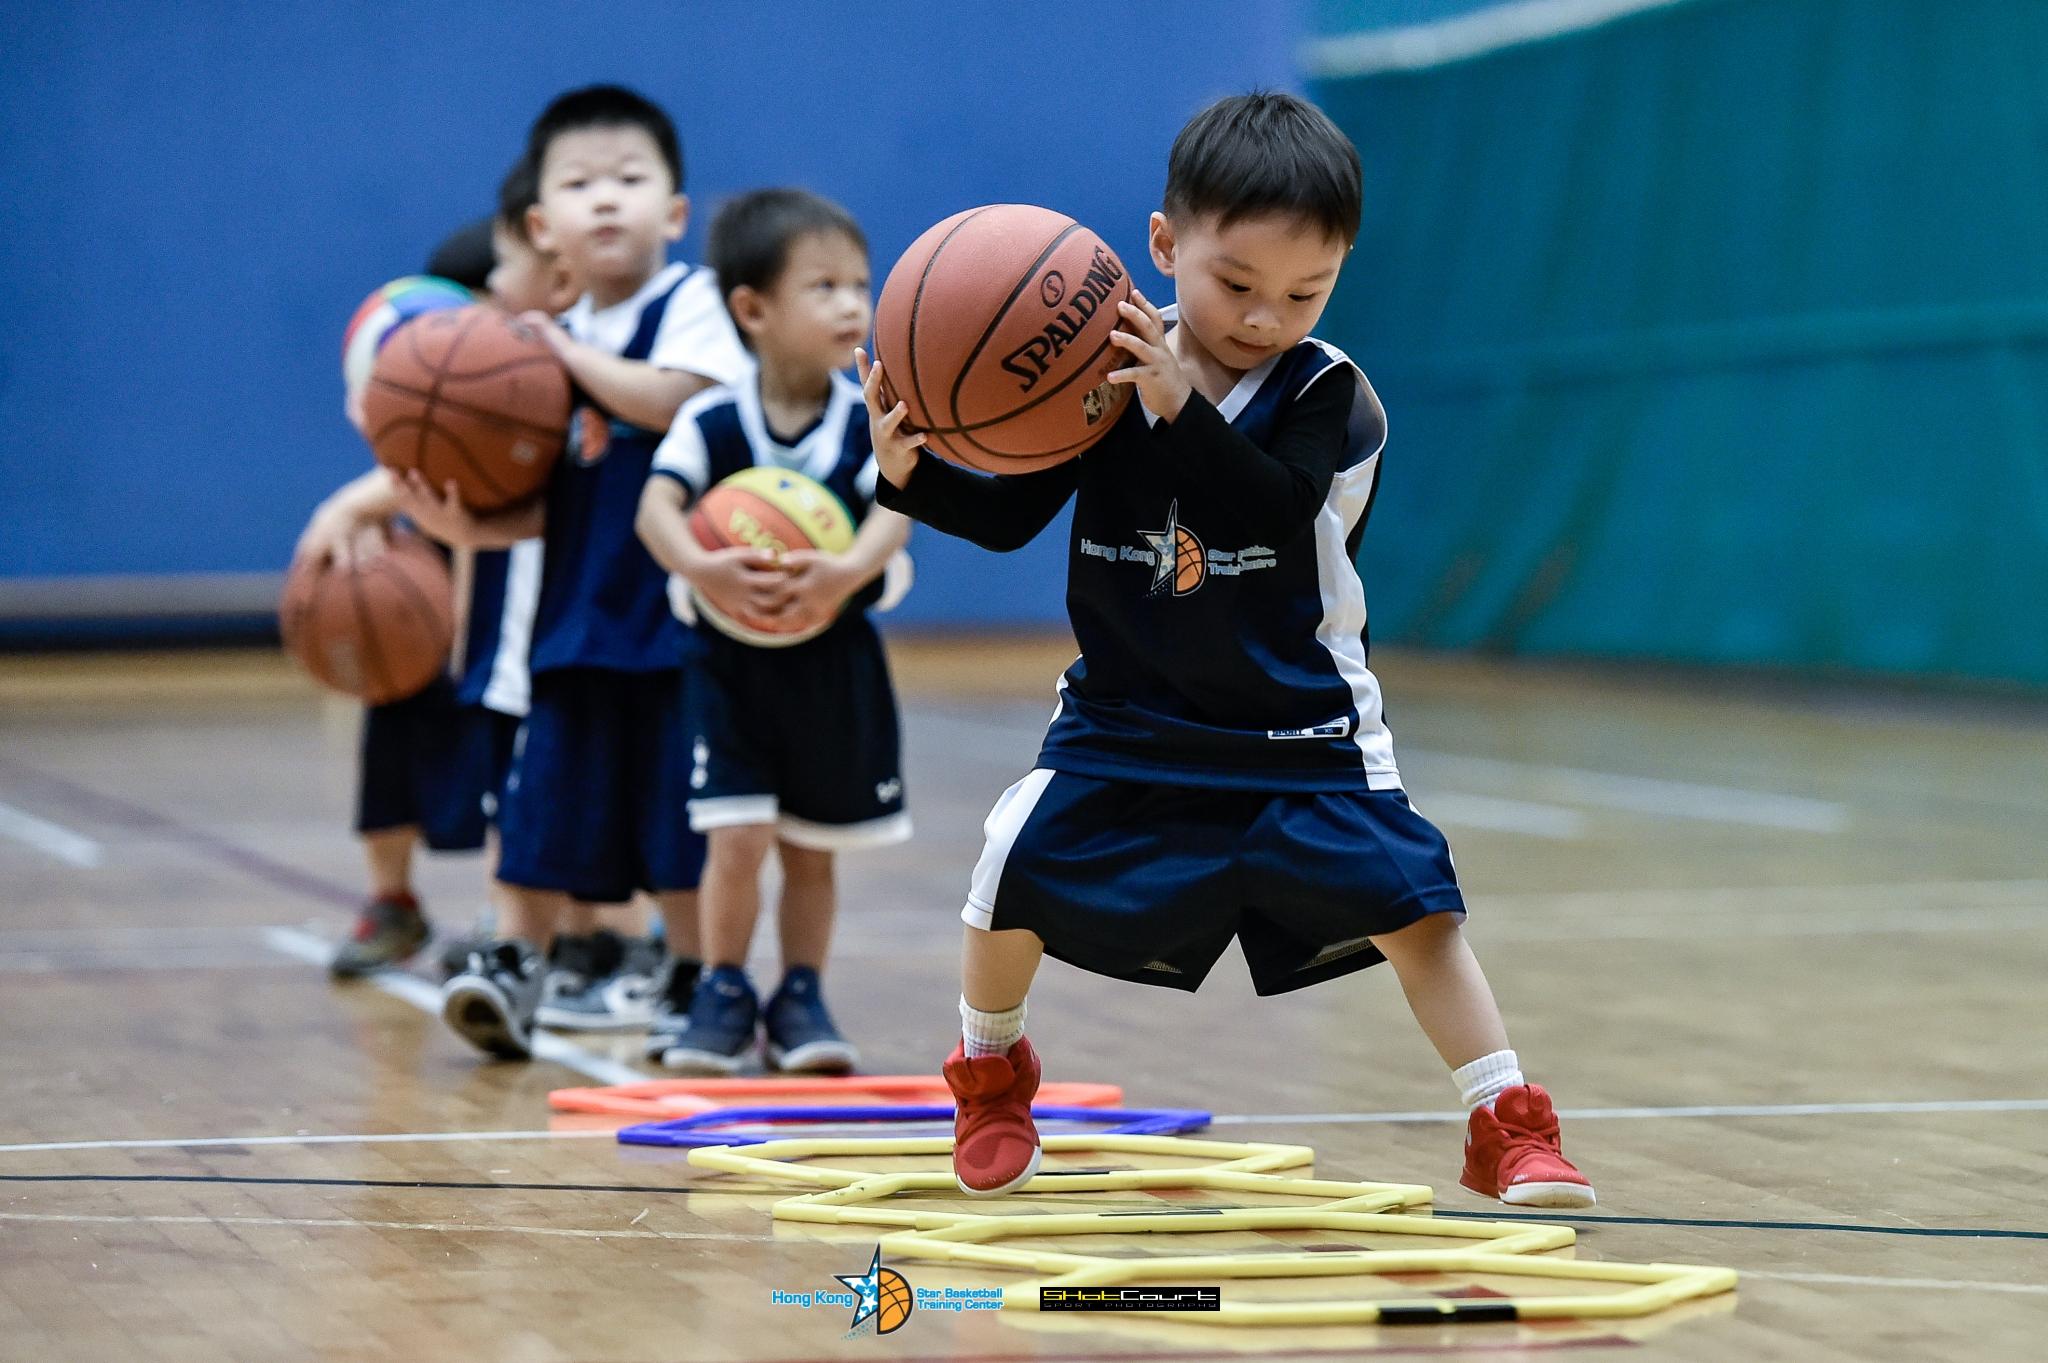 豆丁籃球訓練班